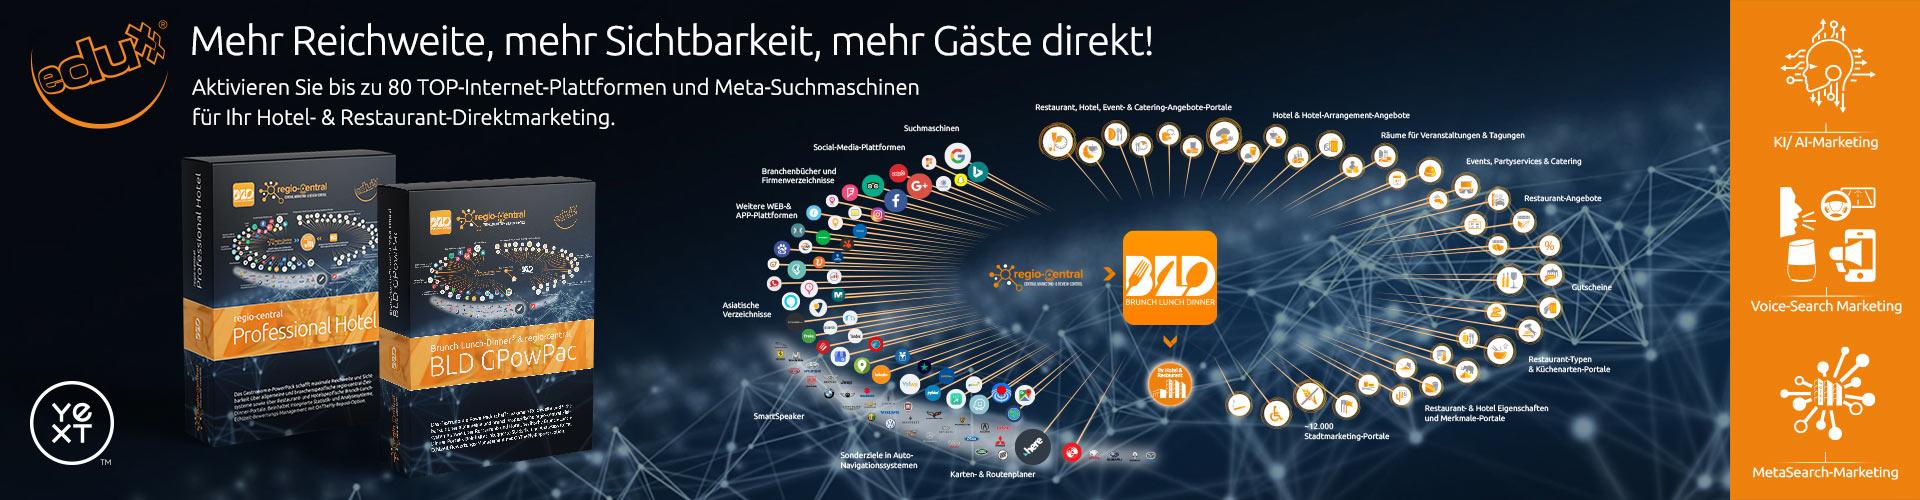 Mehr neue Kunden & Gäste - Reichweite & Sichtbarkeit: Online-Marketing und lokal-regionale Werbung für die Gastronomie. Brunch-Lunch-Dinner - Branchenplattform.